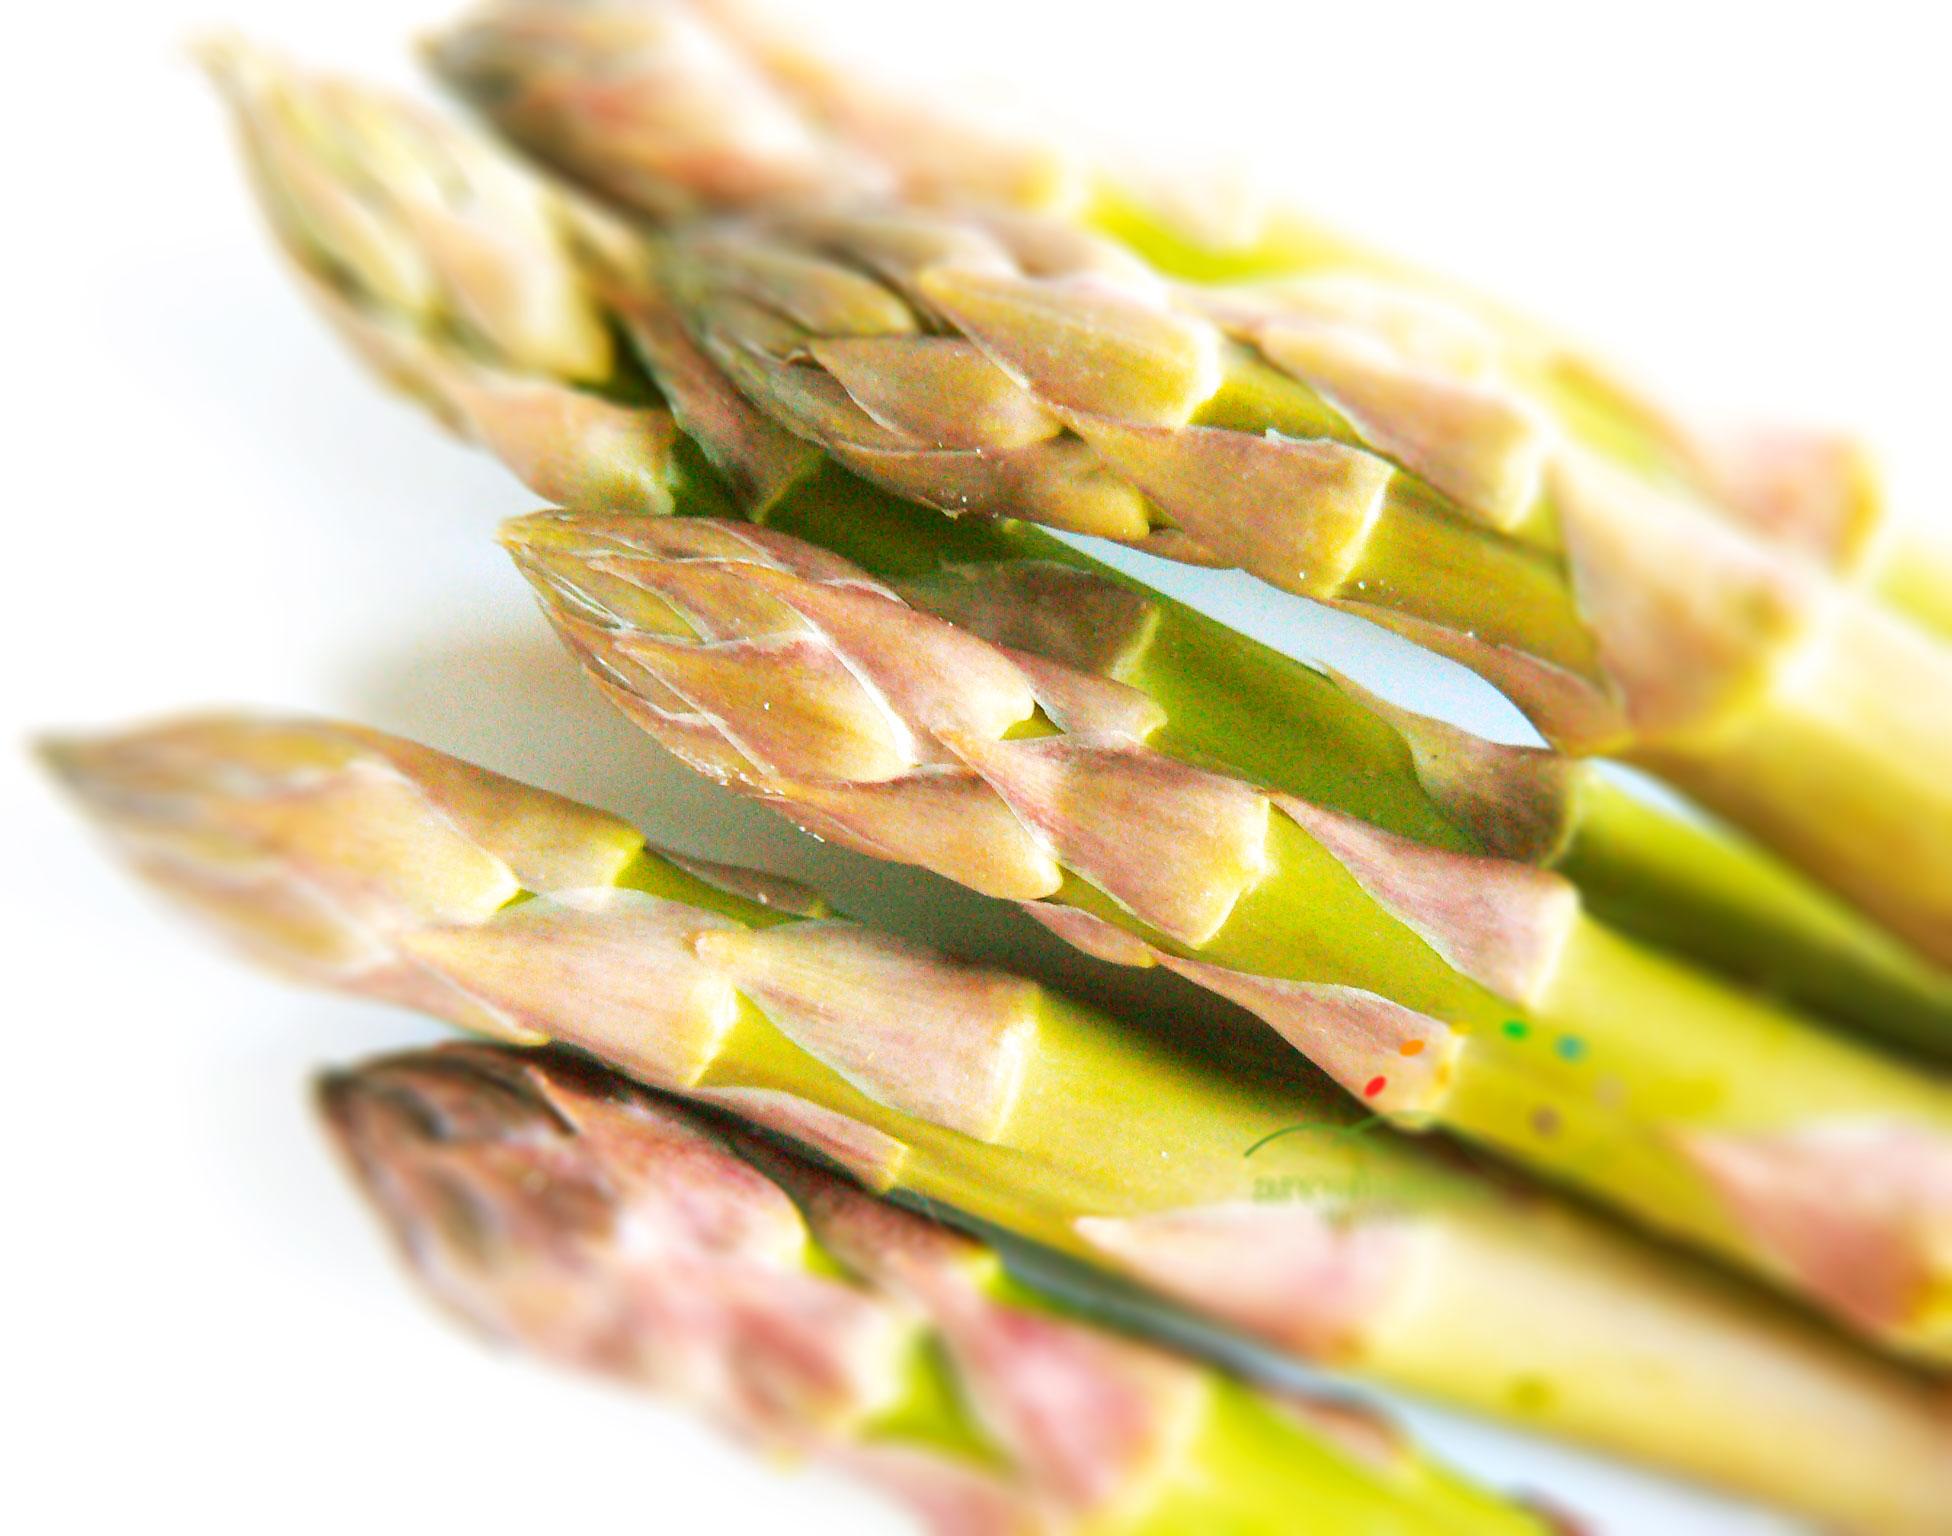 Asparagi pareri discordanti in presenza di calcoli renali - Inulina in cucina ...